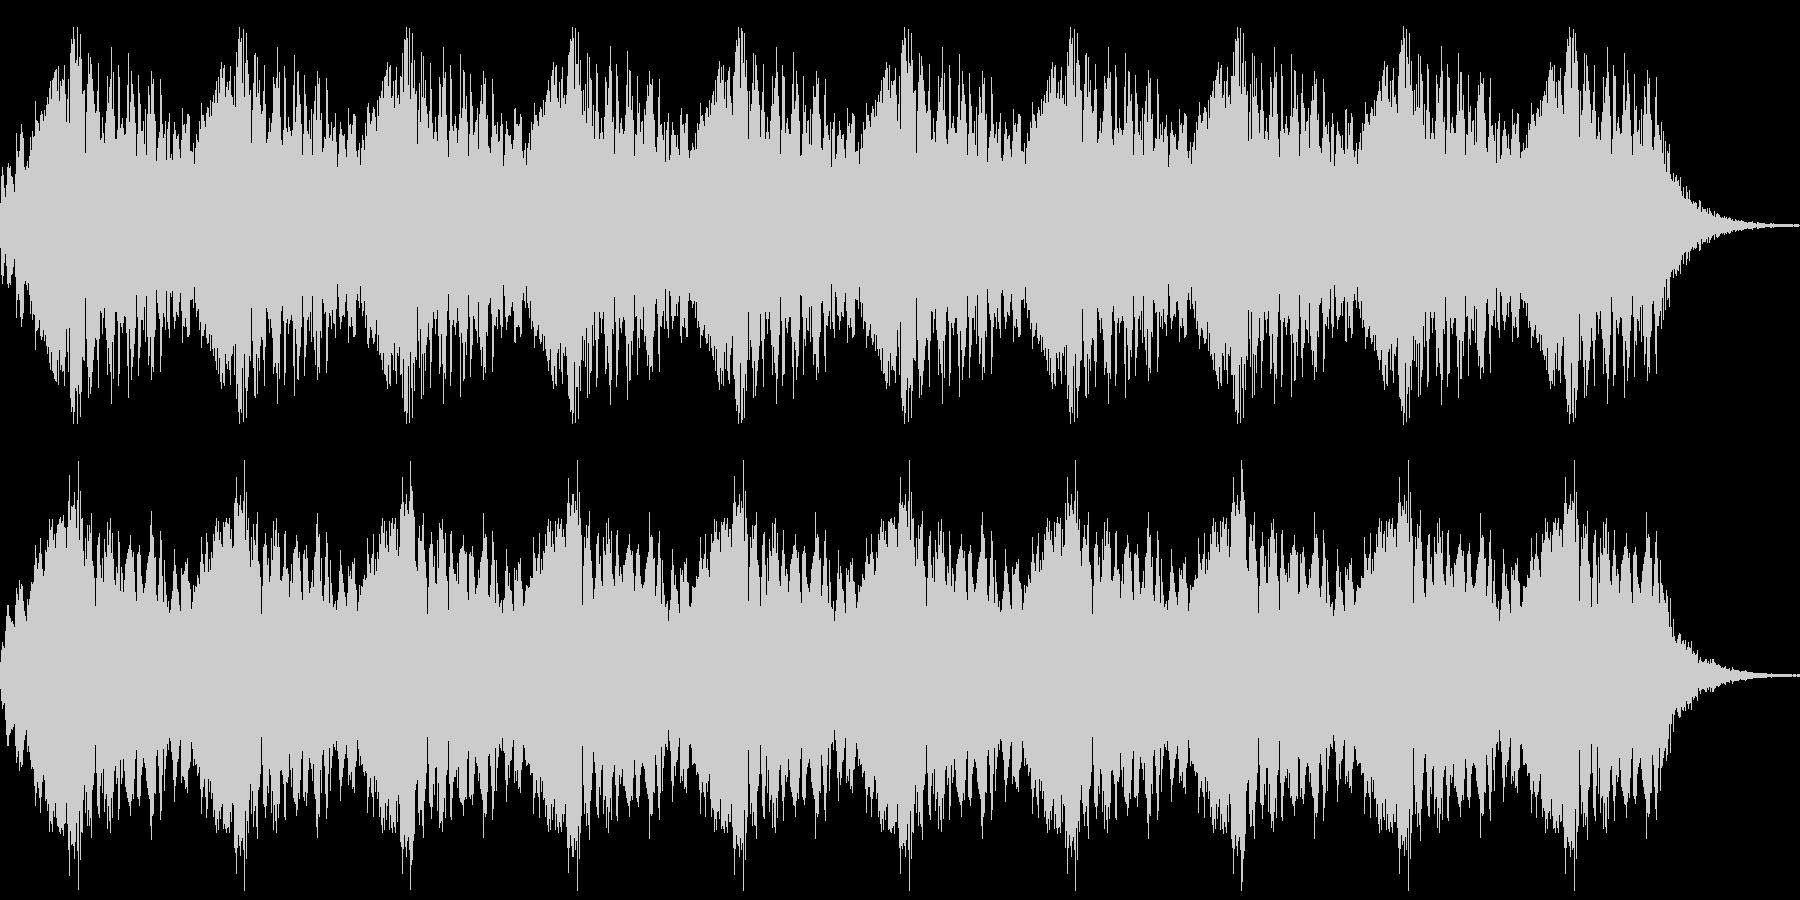 サイレンのループの未再生の波形